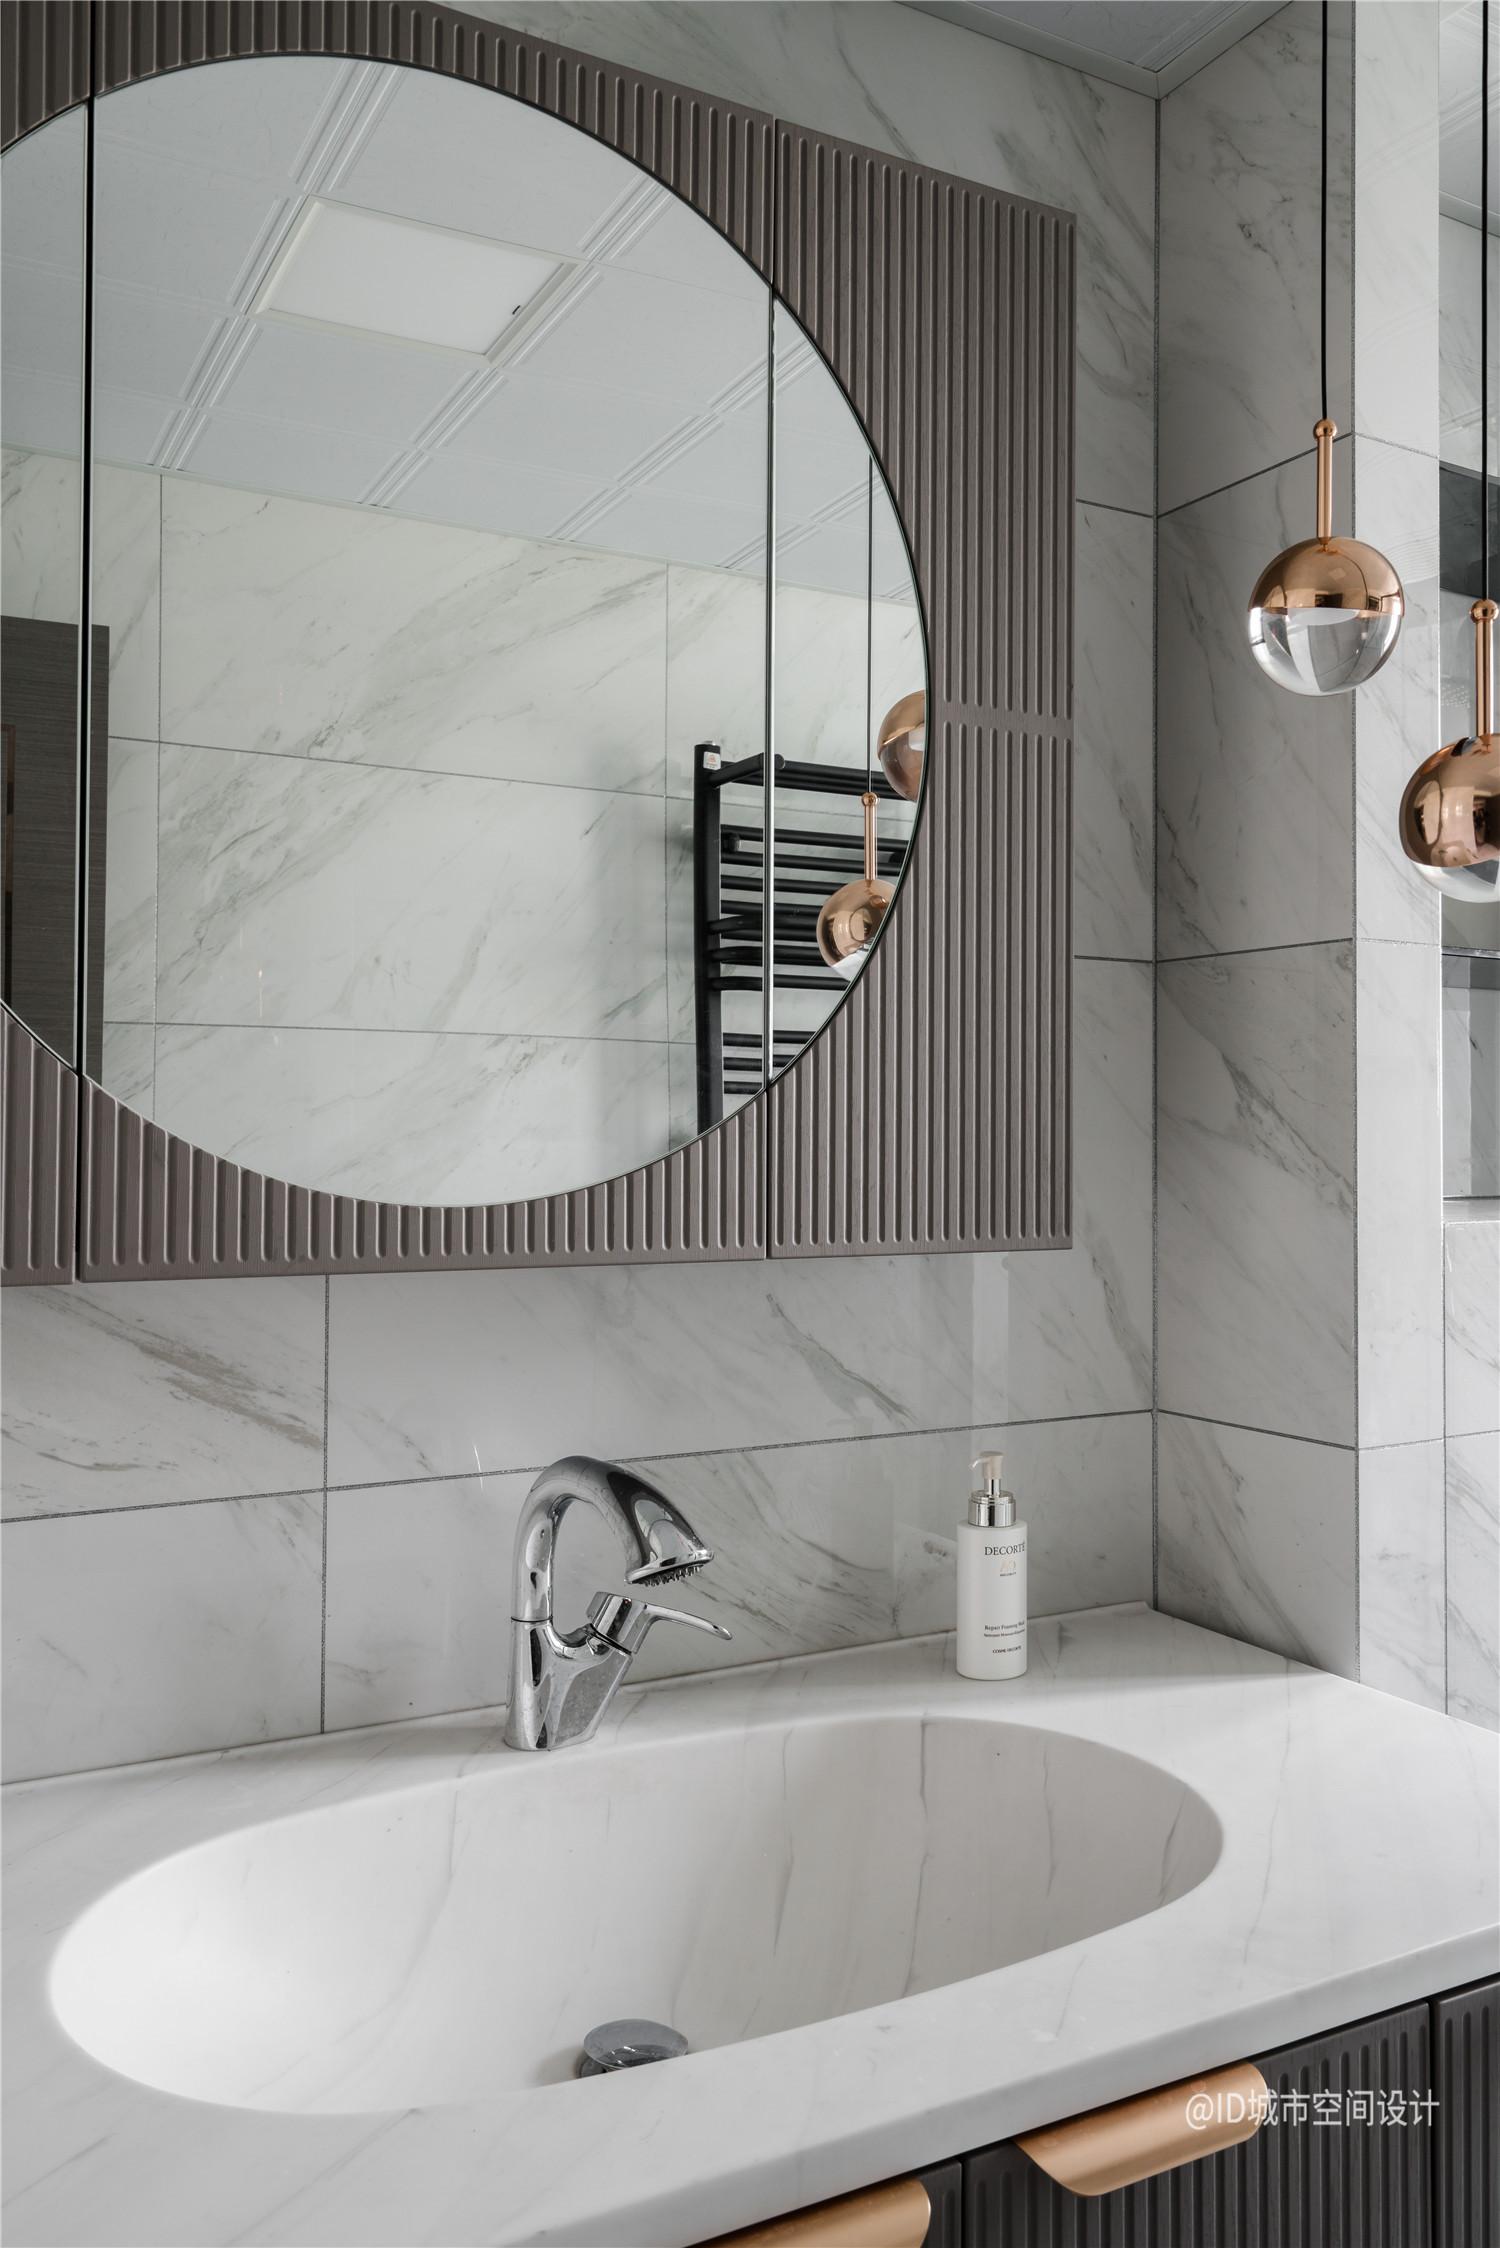 厕所 家居 设计 卫生间 卫生间装修 装修 1500_2248 竖版 竖屏图片